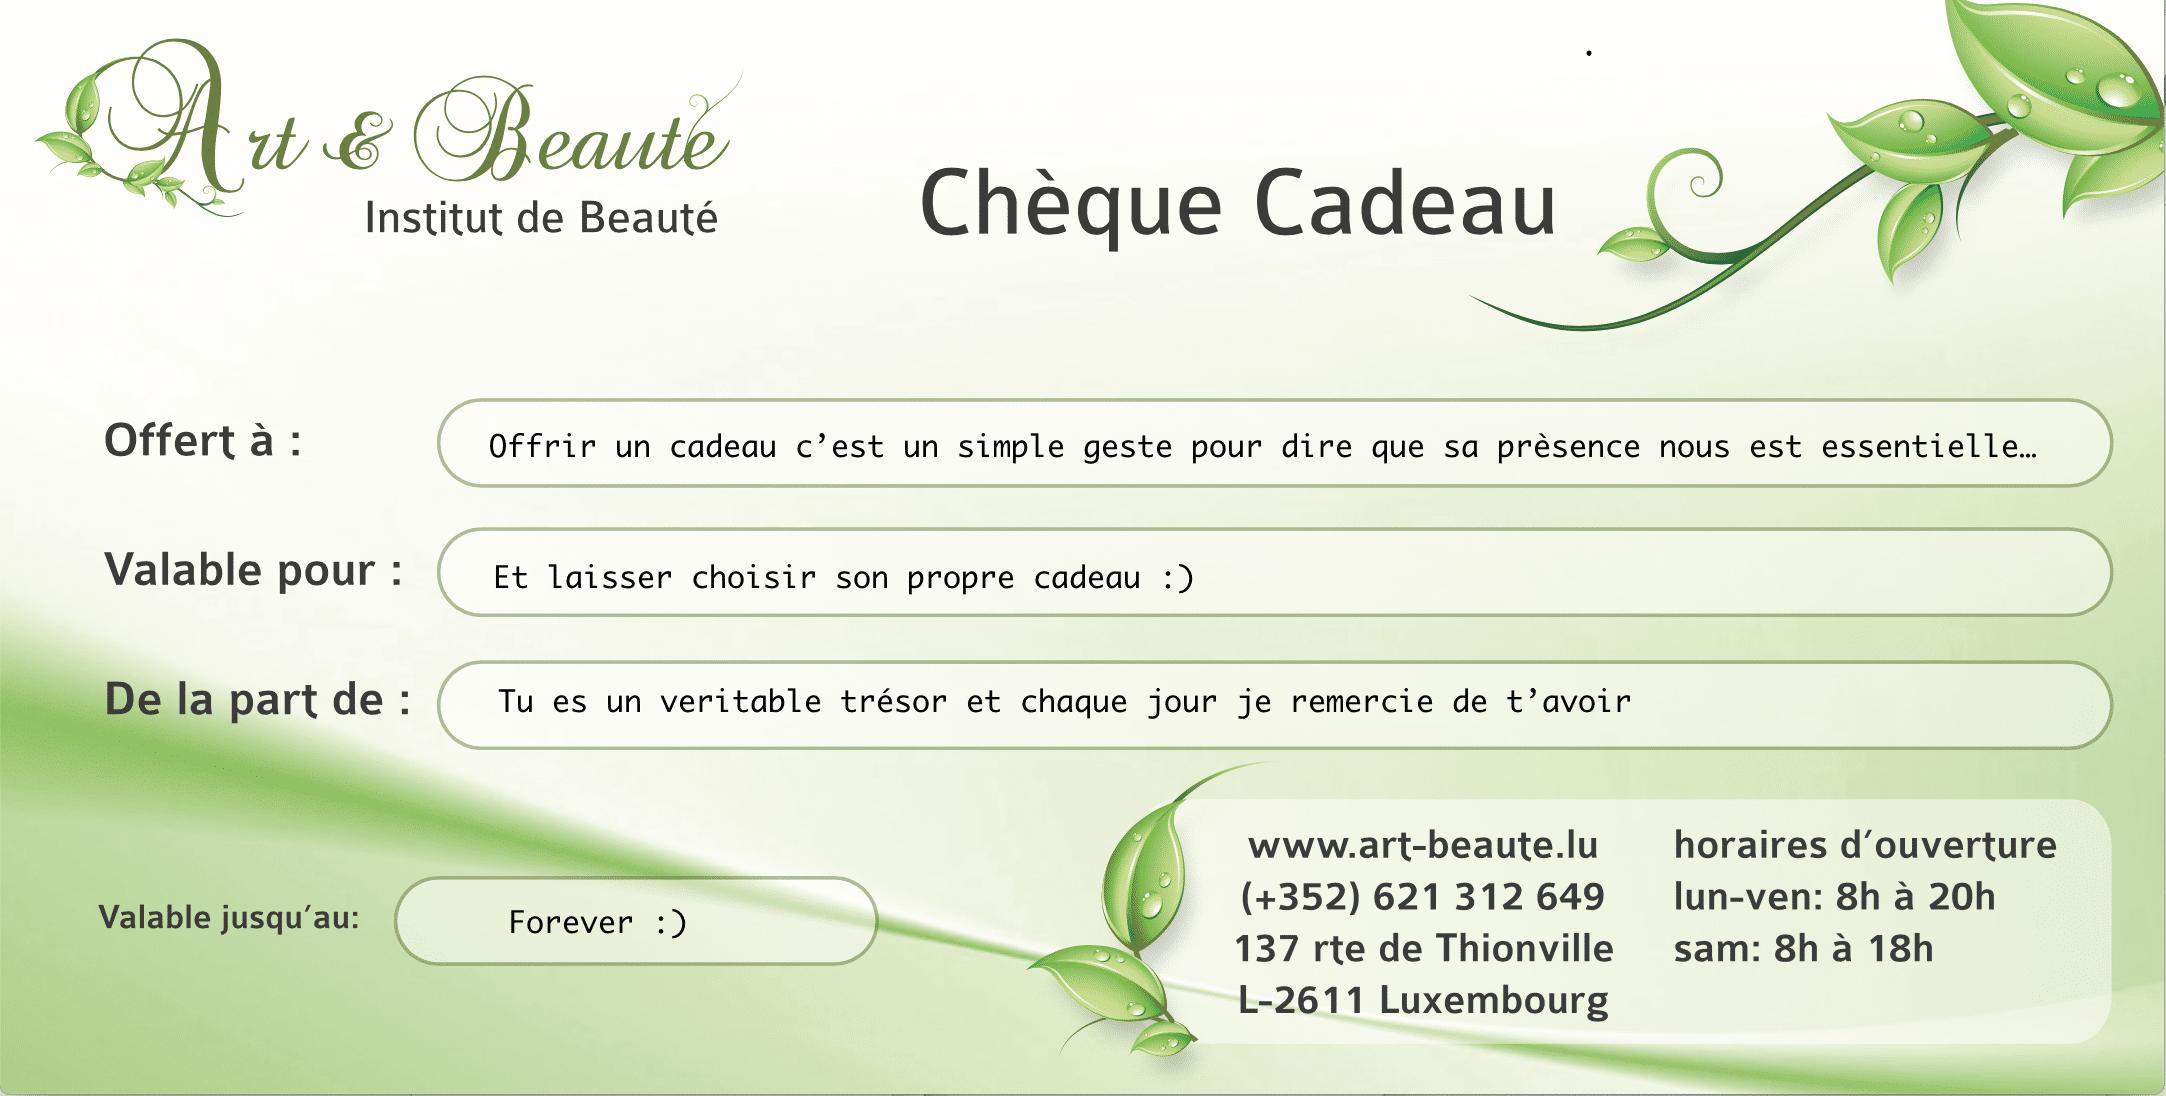 Chèque Cadeau Art et Beauté